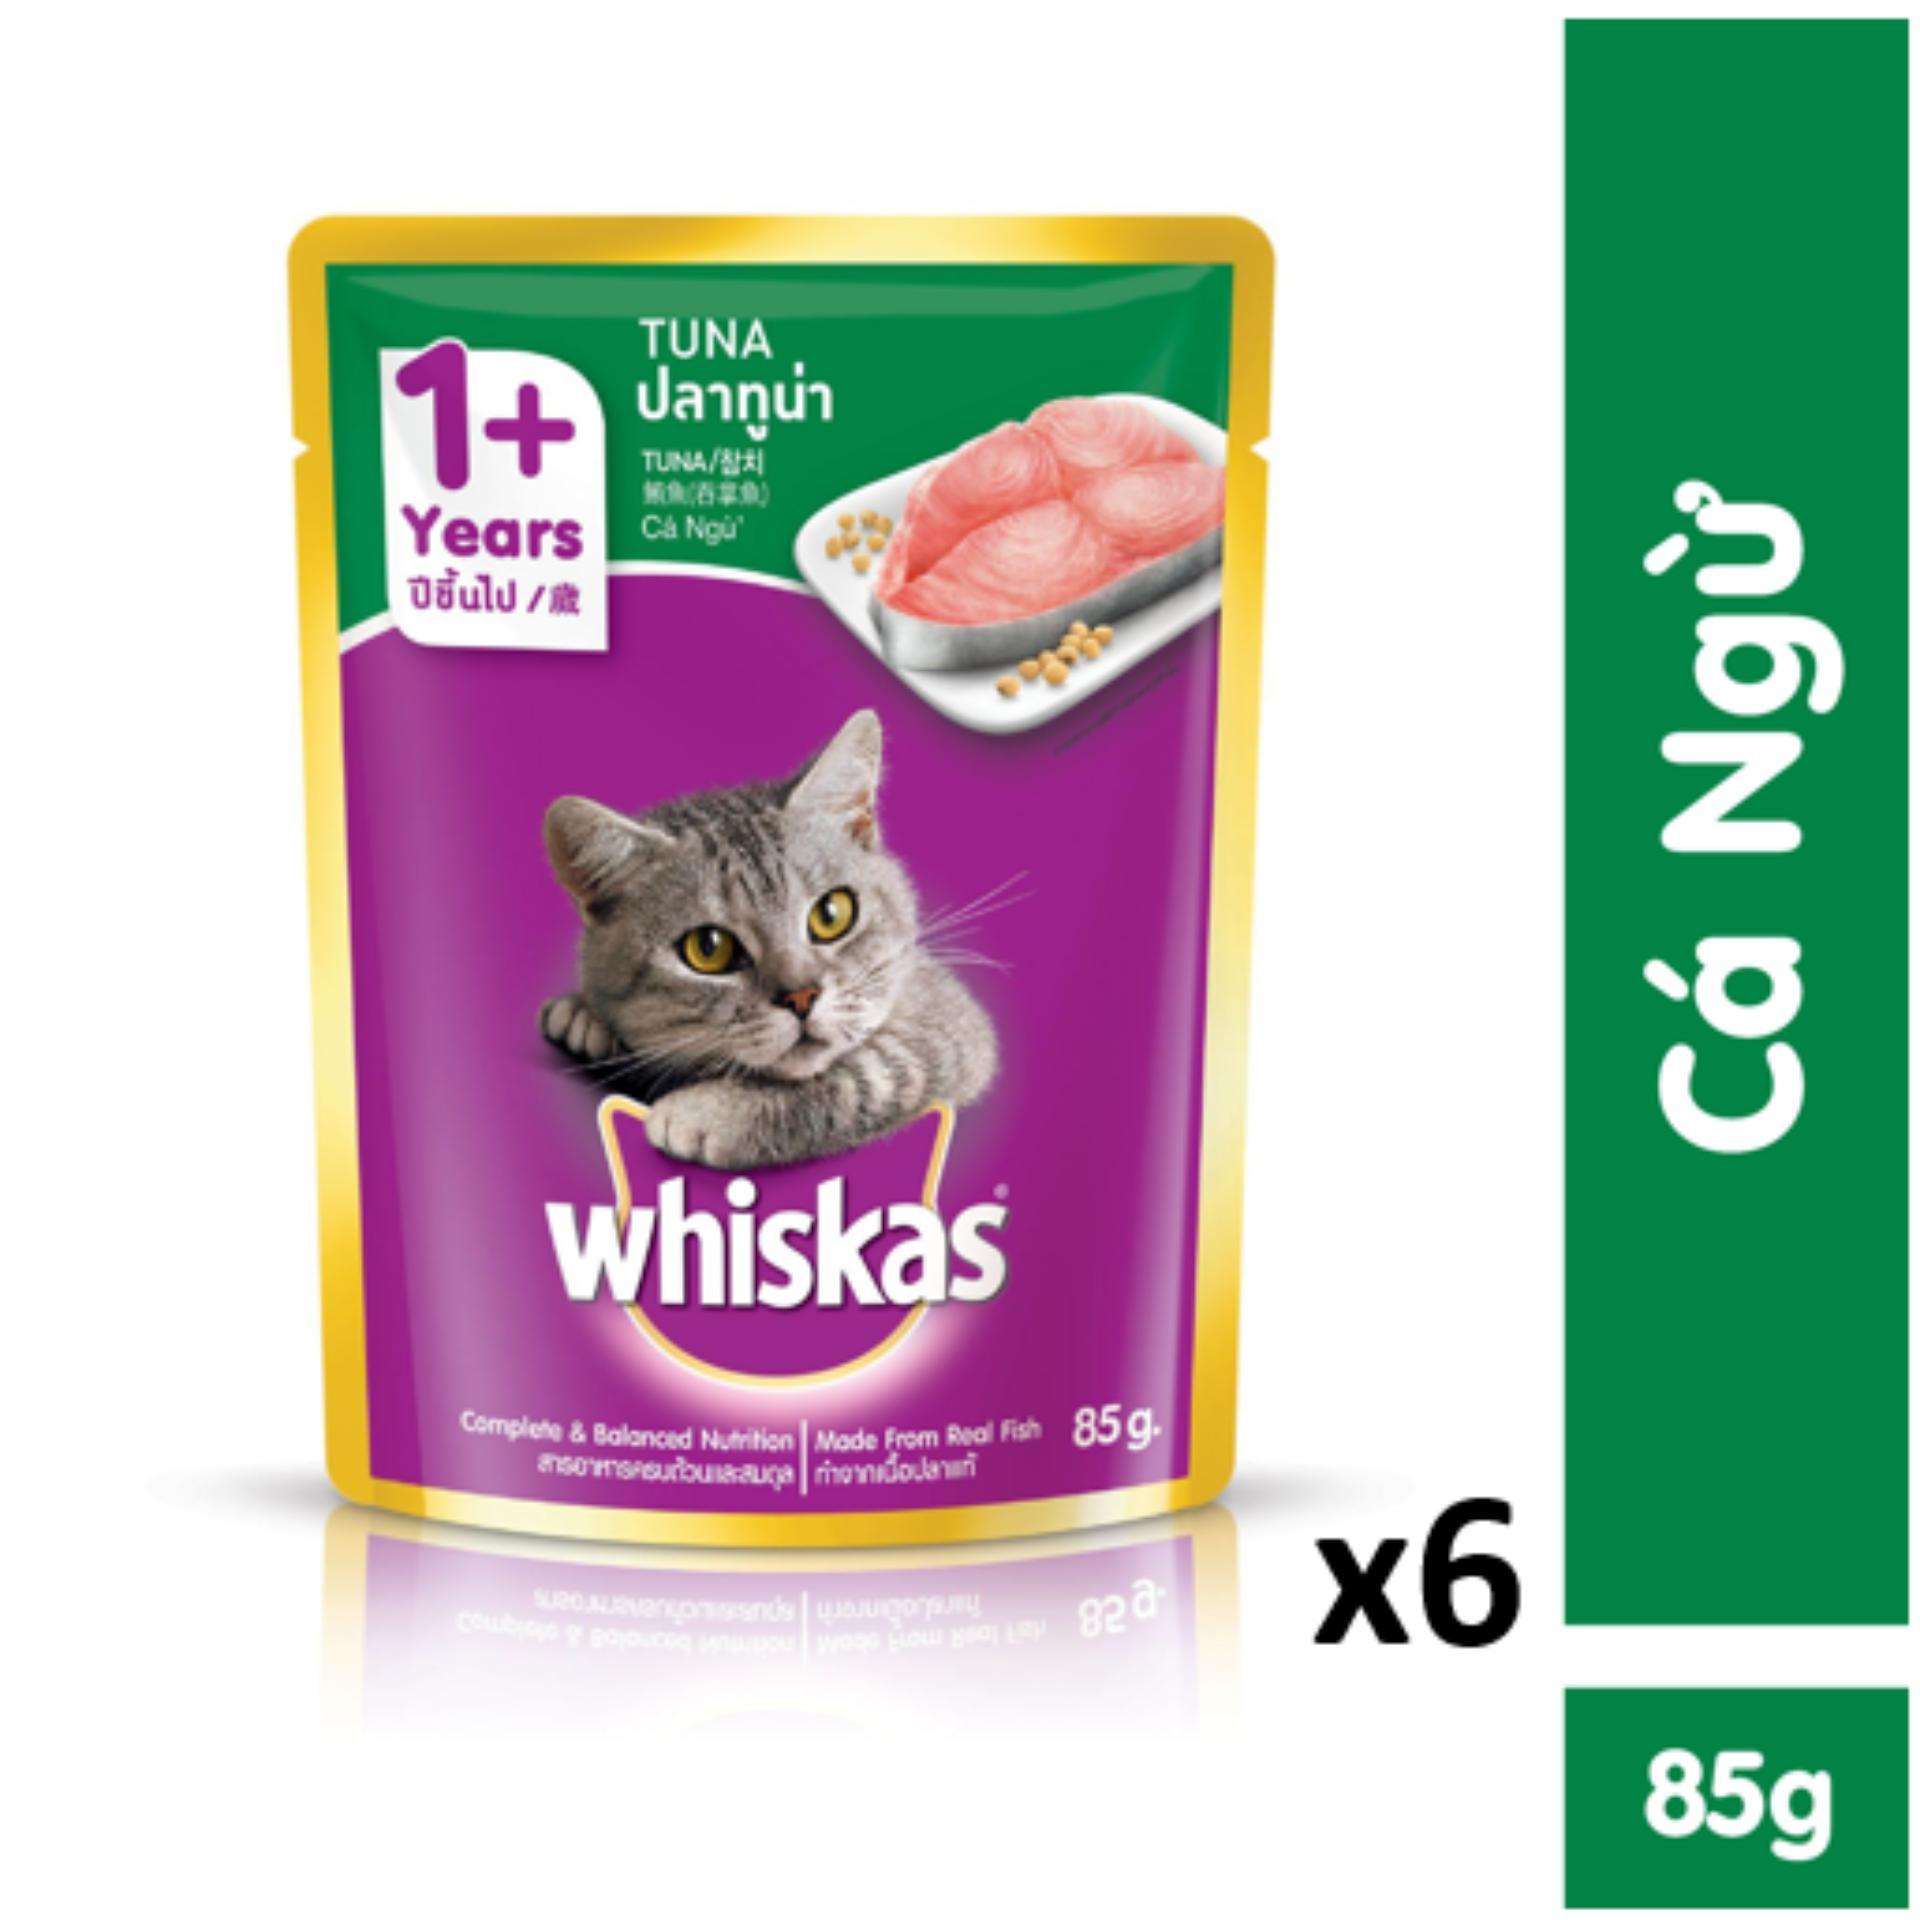 Tiết Kiệm Cực Đã Khi Mua Bộ 6 Túi Thức ăn Cho Mèo Whiskas Vị Cá Ngừ 85g